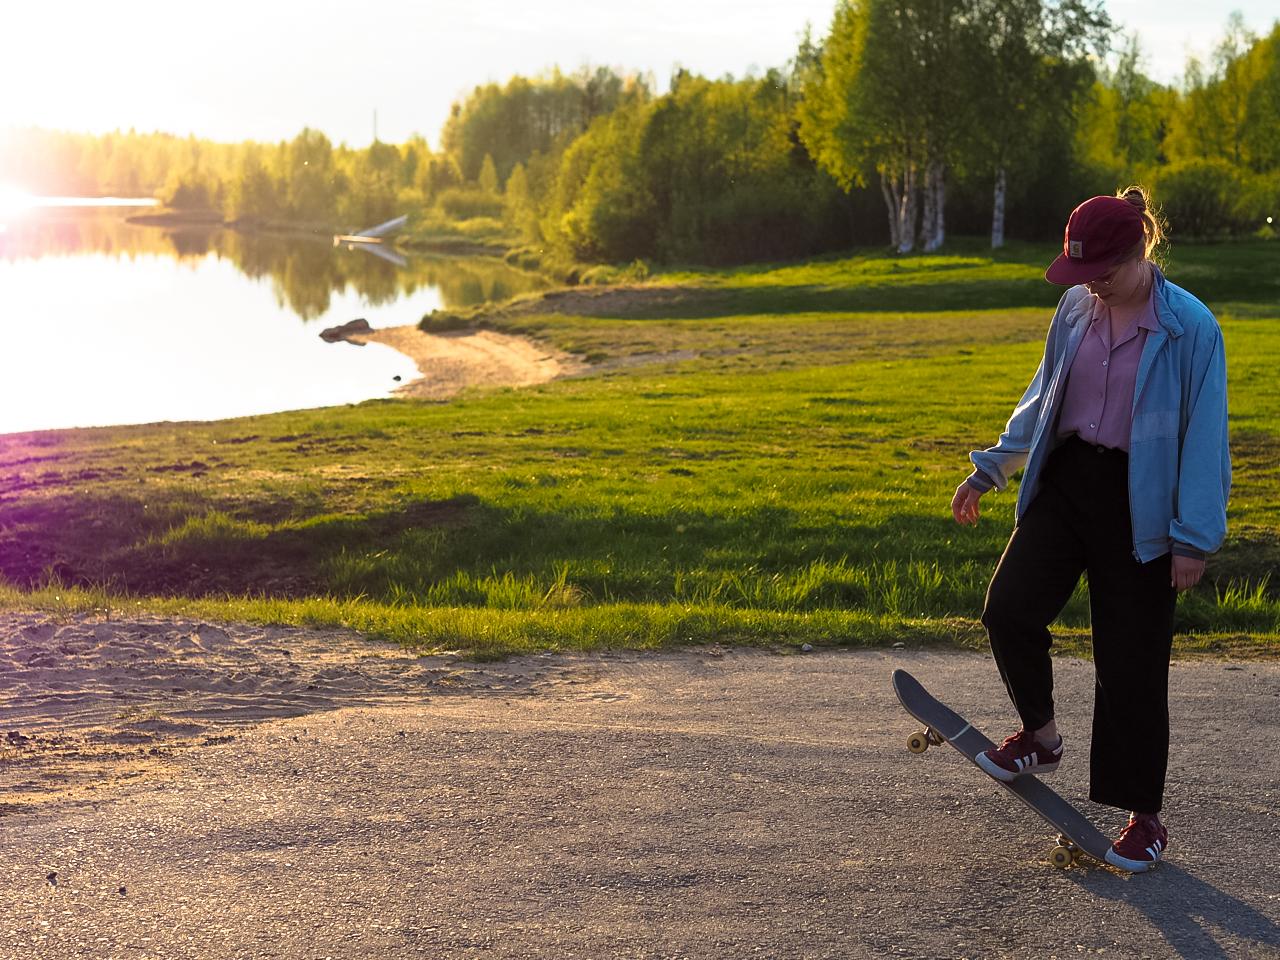 The Skater Girl